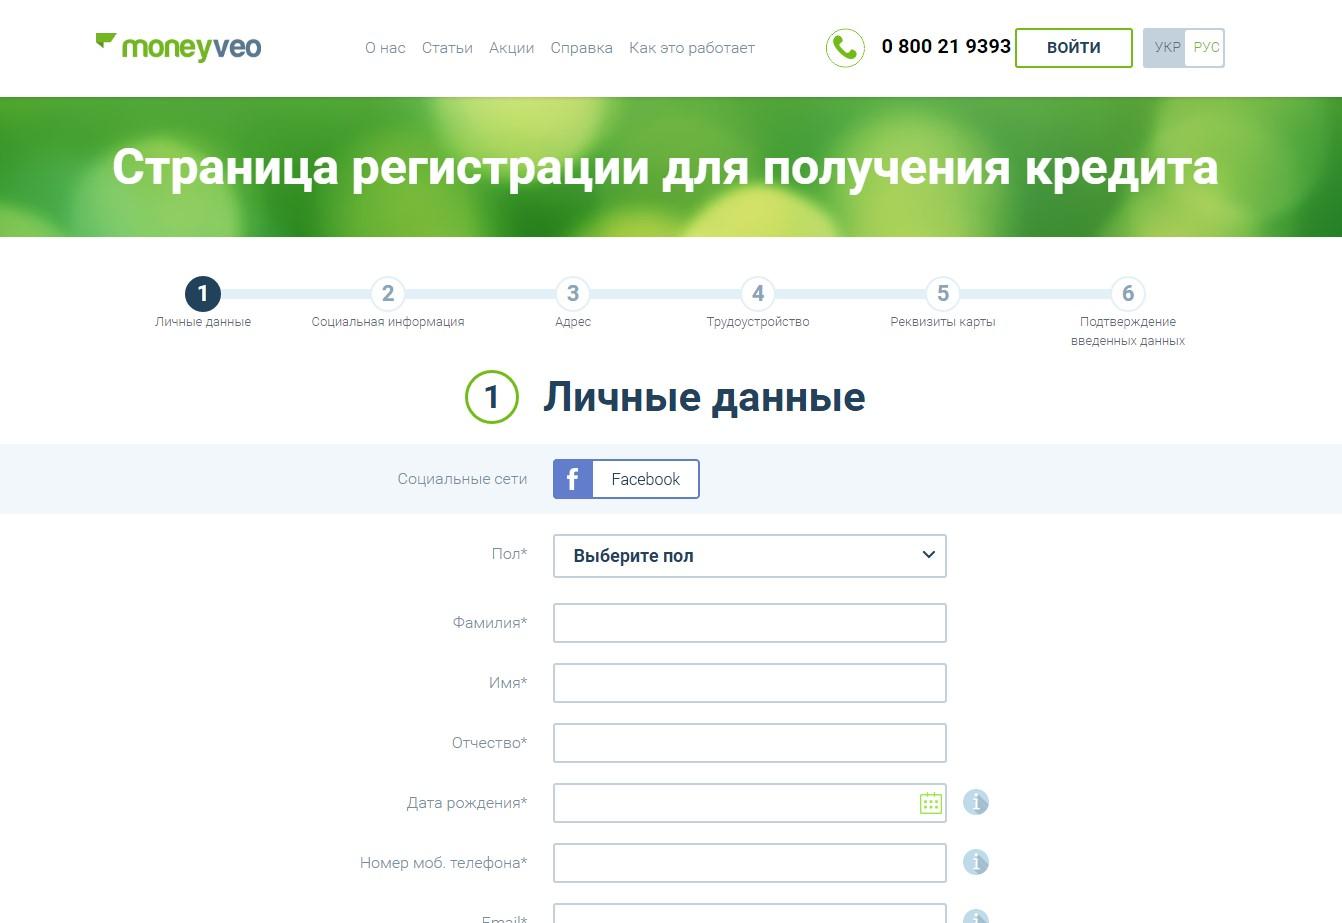 Анкета для регистрации личного кабинета на сайте moneyveo.ua